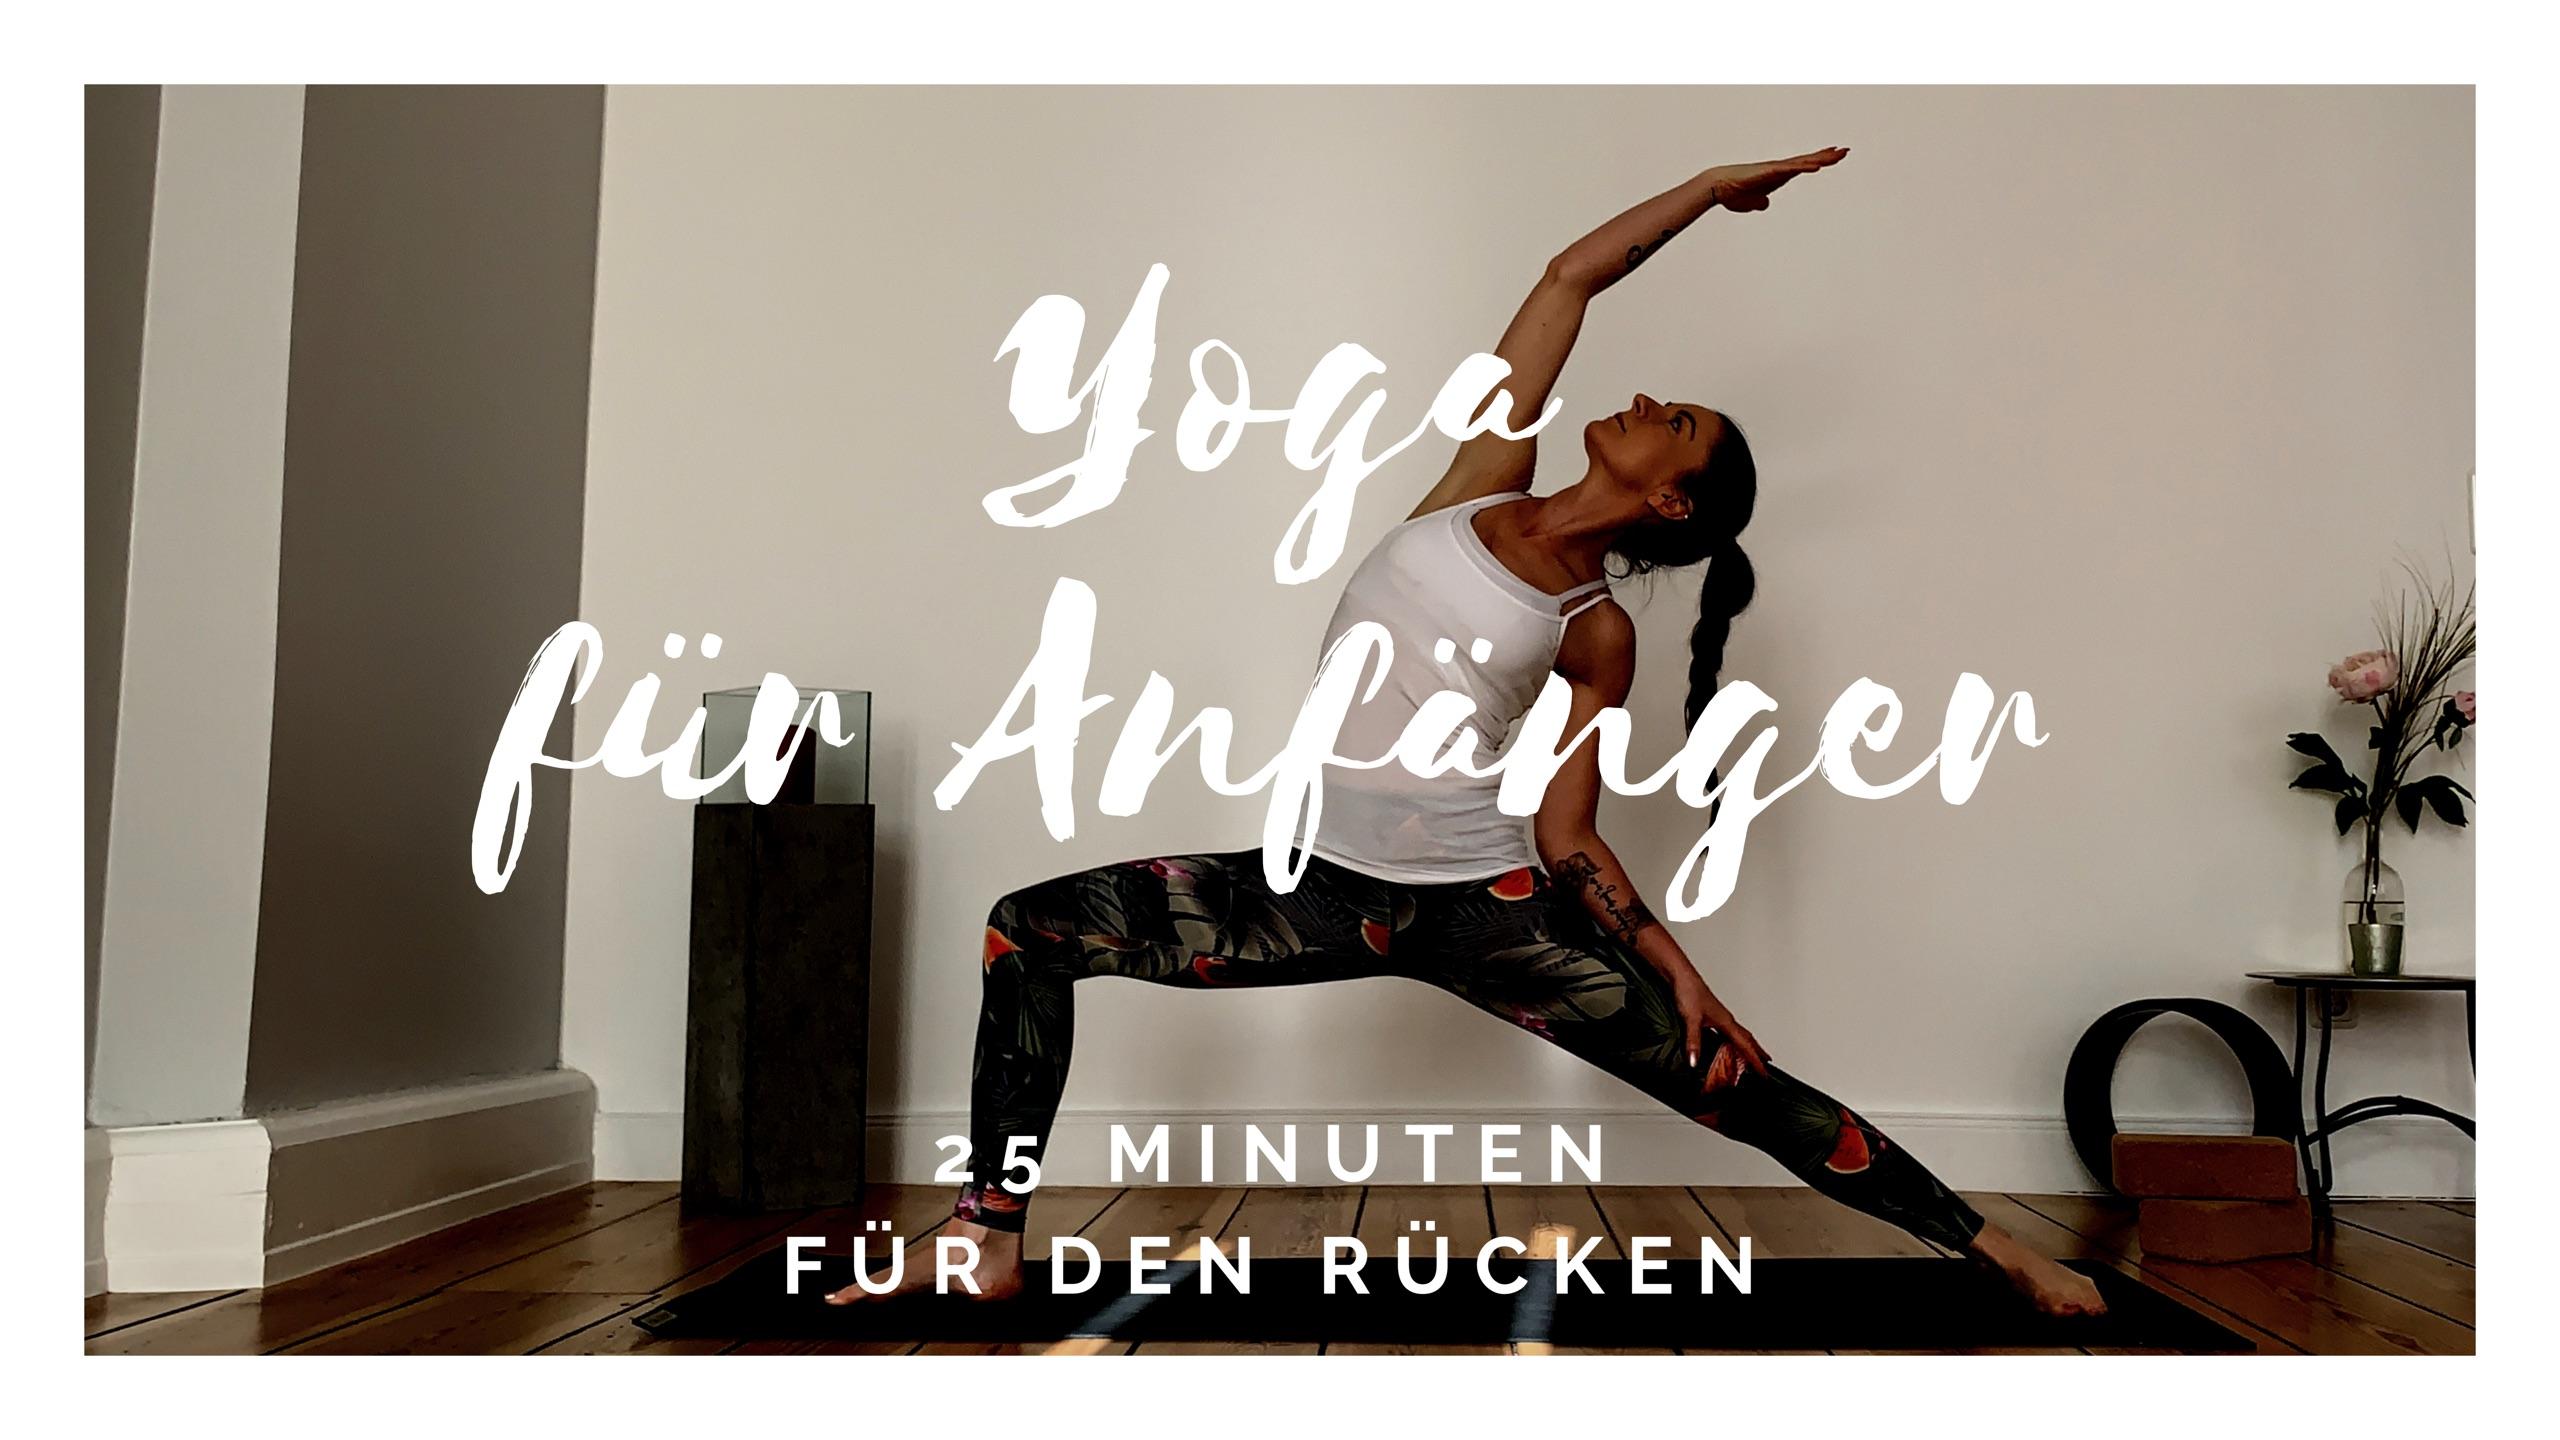 Yoga für Anfänger │ 25 Minuten für den Rücken │ Level 1 │Vinyasa für Anfänger